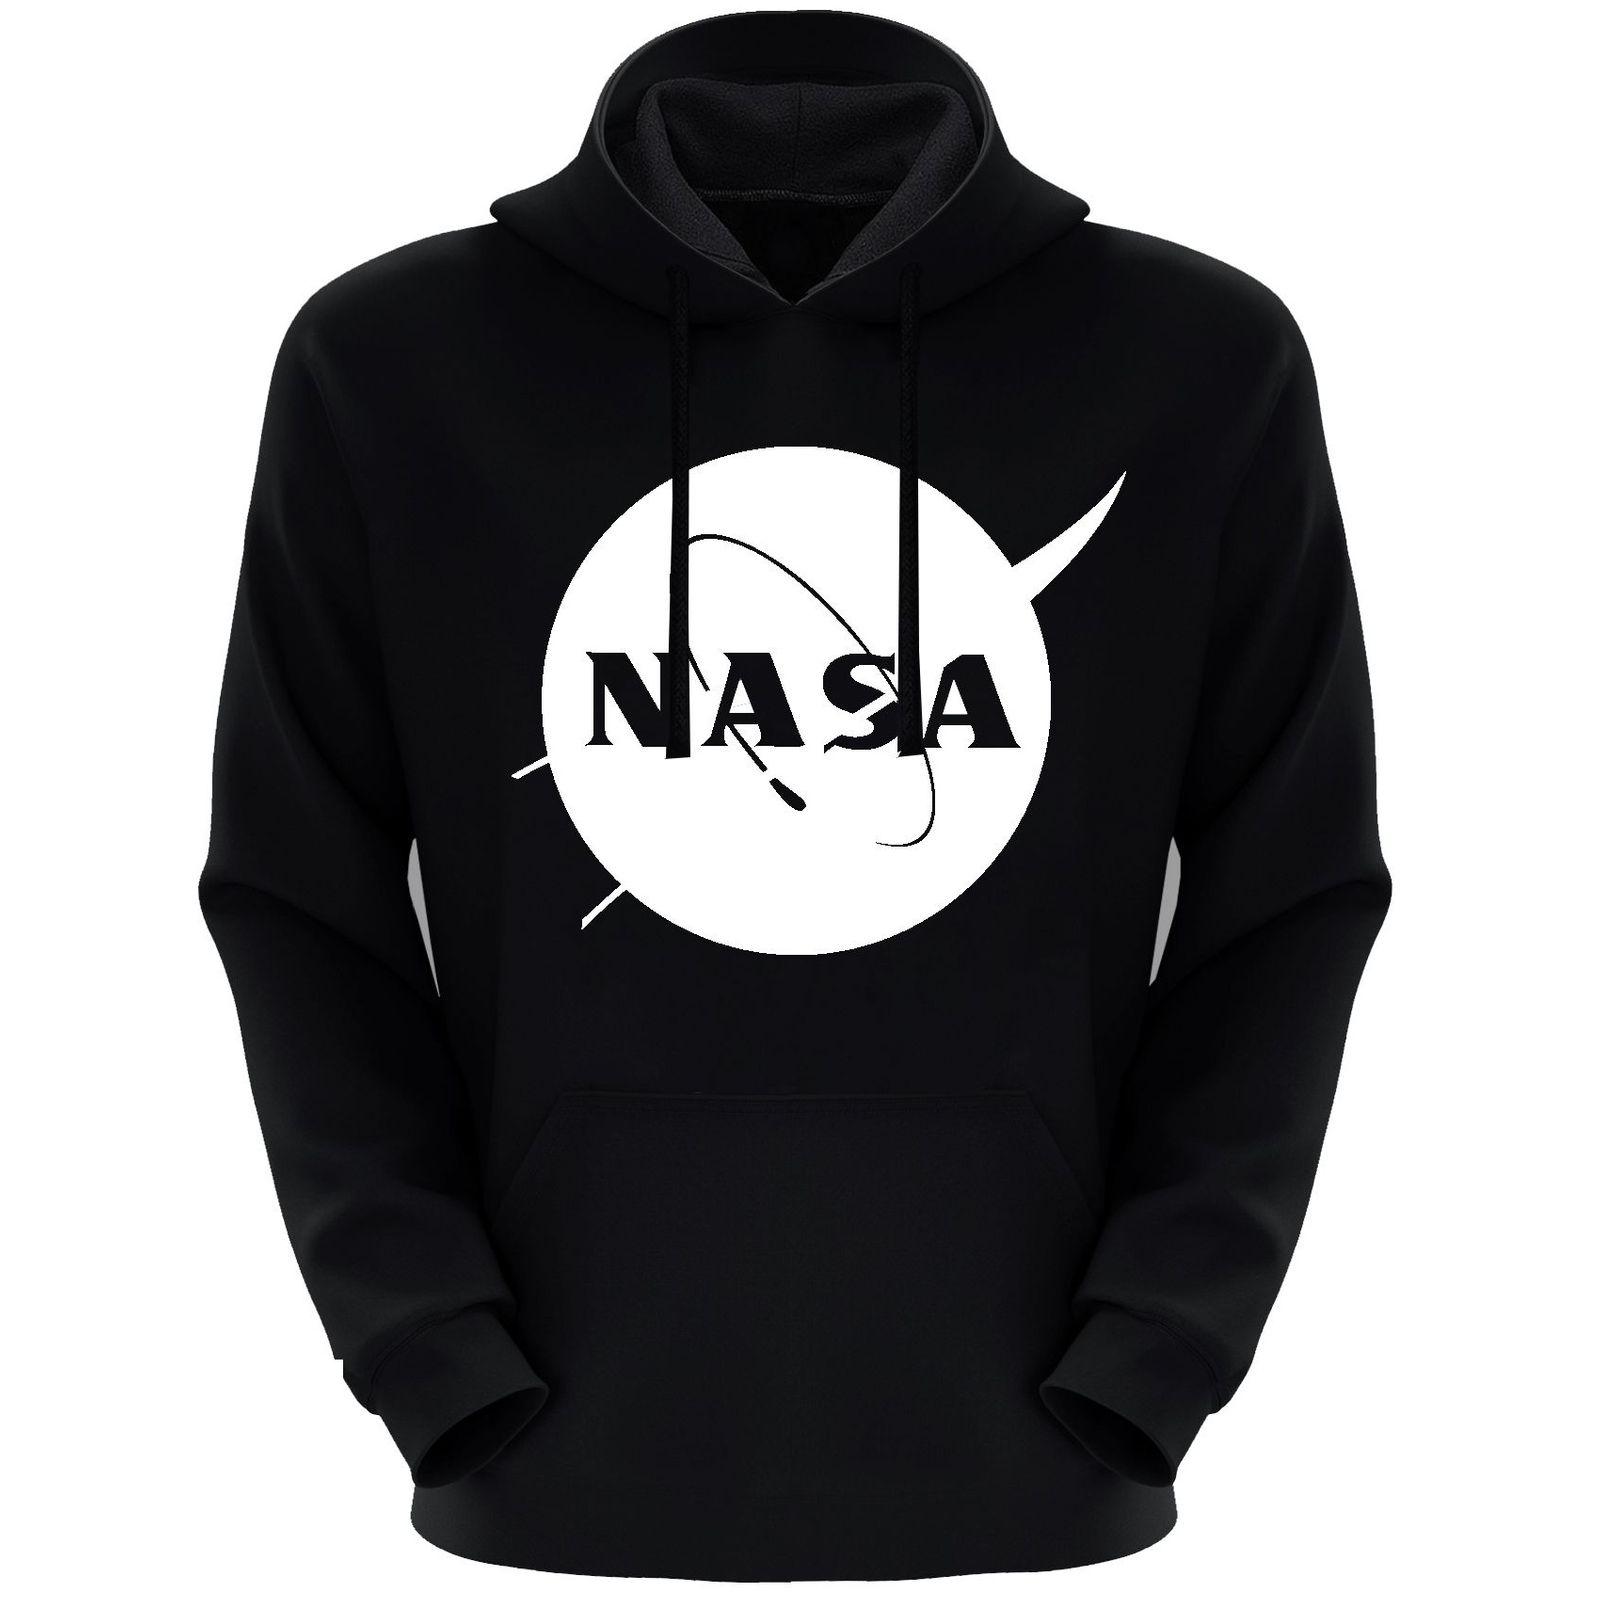 هودی مردانه طرح ناسا کد S70 رنگ مشکی main 1 1